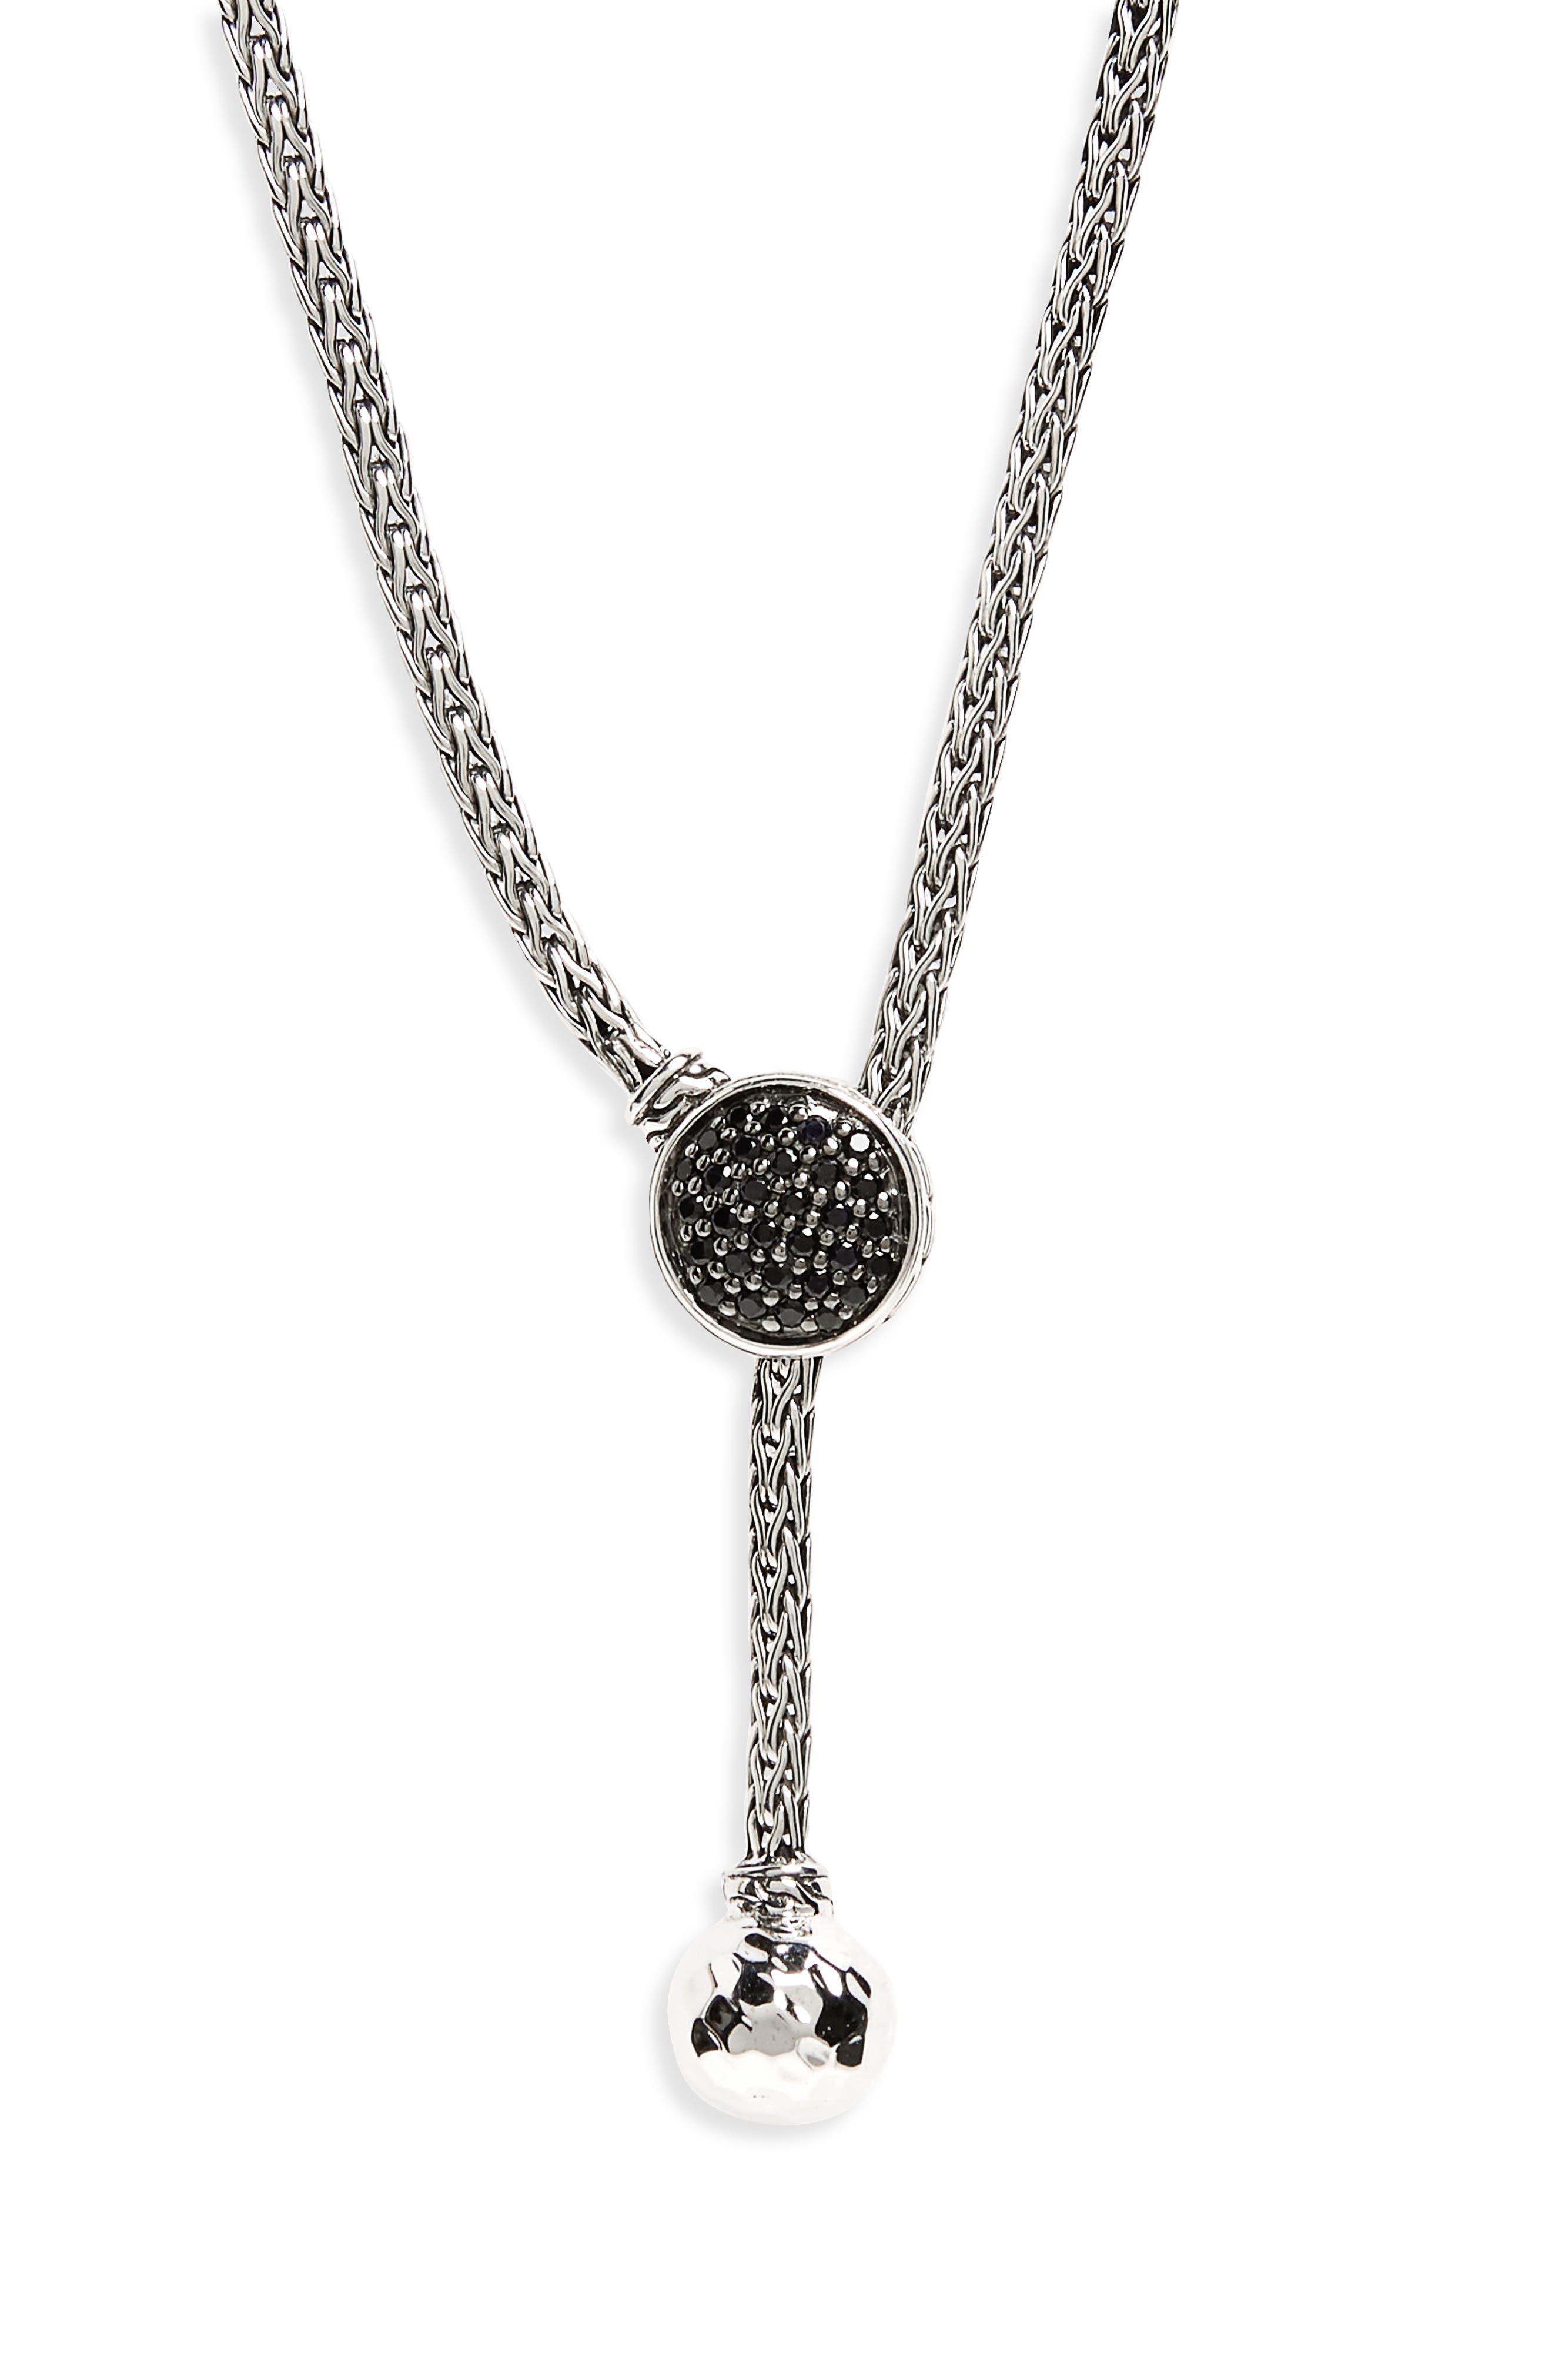 Classic Chain Black Sapphire Pavé Lariat Necklace,                             Alternate thumbnail 2, color,                             Silver/ Black Sapphire/ Black